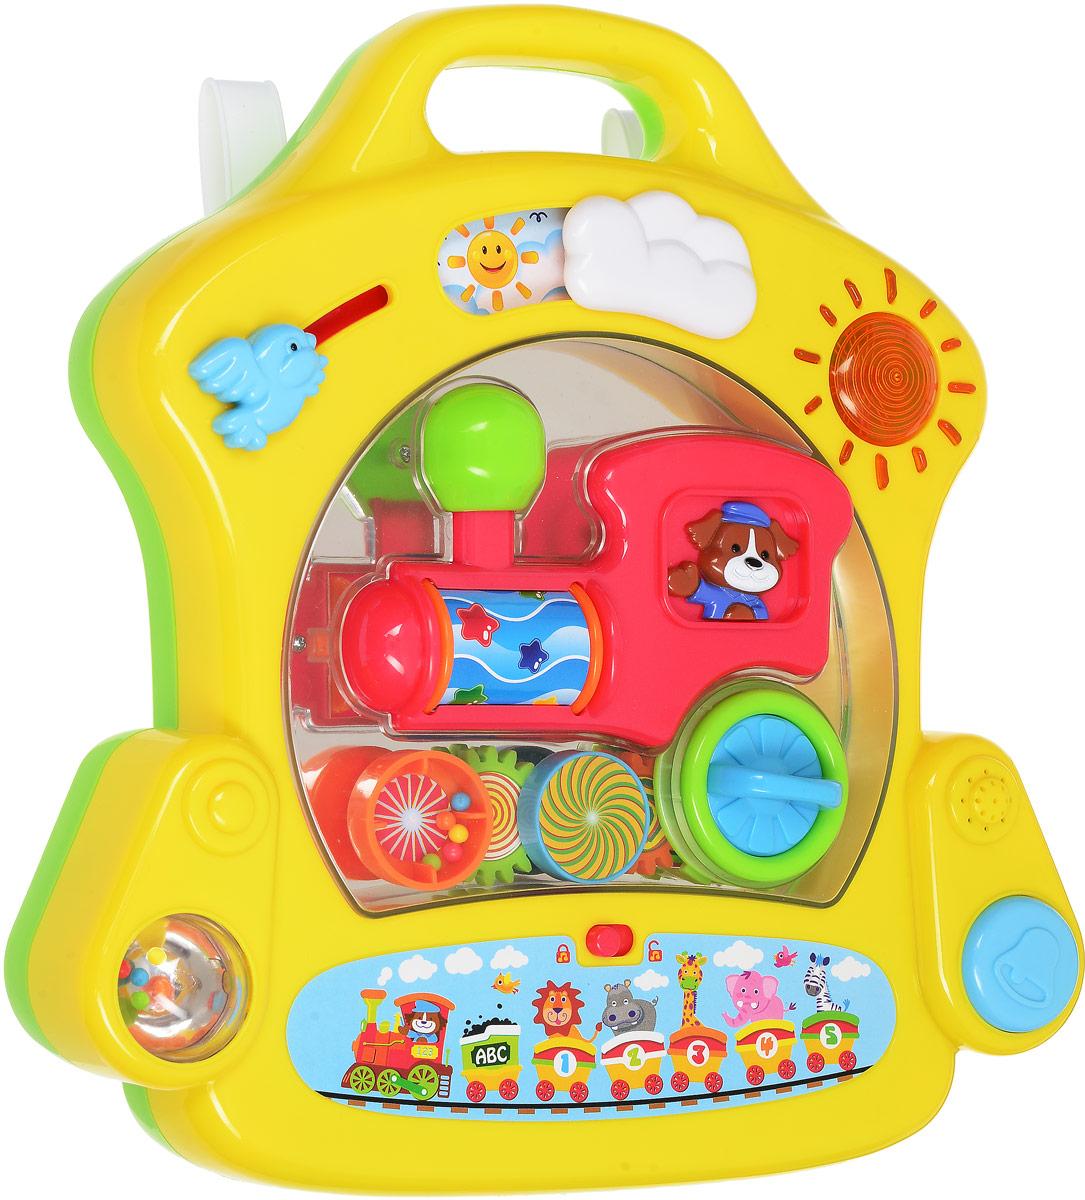 Playgo Развивающий игровой центр для самых маленькихPlay 2232Развивающий игровой центр Playgo, выполненный из безопасного пластика понравится даже самым маленьким детишкам. Центр не оставит вашего малыша равнодушным, а яркая расцветка настроит его на положительные эмоции. Игрушка выполнена в виде панели, содержащей различные развивающие элементы, световые и звуковые эффекты. На самом верху панели имеется окошко день-ночь, птичка, которую можно передвигать и светящееся солнышко. Внизу расположена кнопка включения звука и прозрачный крутящийся шарик с гремящими элементами внутри. В центре панели на зеркальной поверхности расположен паровозик с подвижными элементами. При включении специальной кнопки, воспроизводится успокаивающая мелодия, колеса паровозика начинают крутиться. Игровой центр дополнен удобной ручкой для комфортной переноски. Играть с панелью можно положив её на поверхность или подвесив на детскую кроватку с помощью специальных креплений. Это продуманная, прочная, устойчивая и надежная конструкция, совершенно...